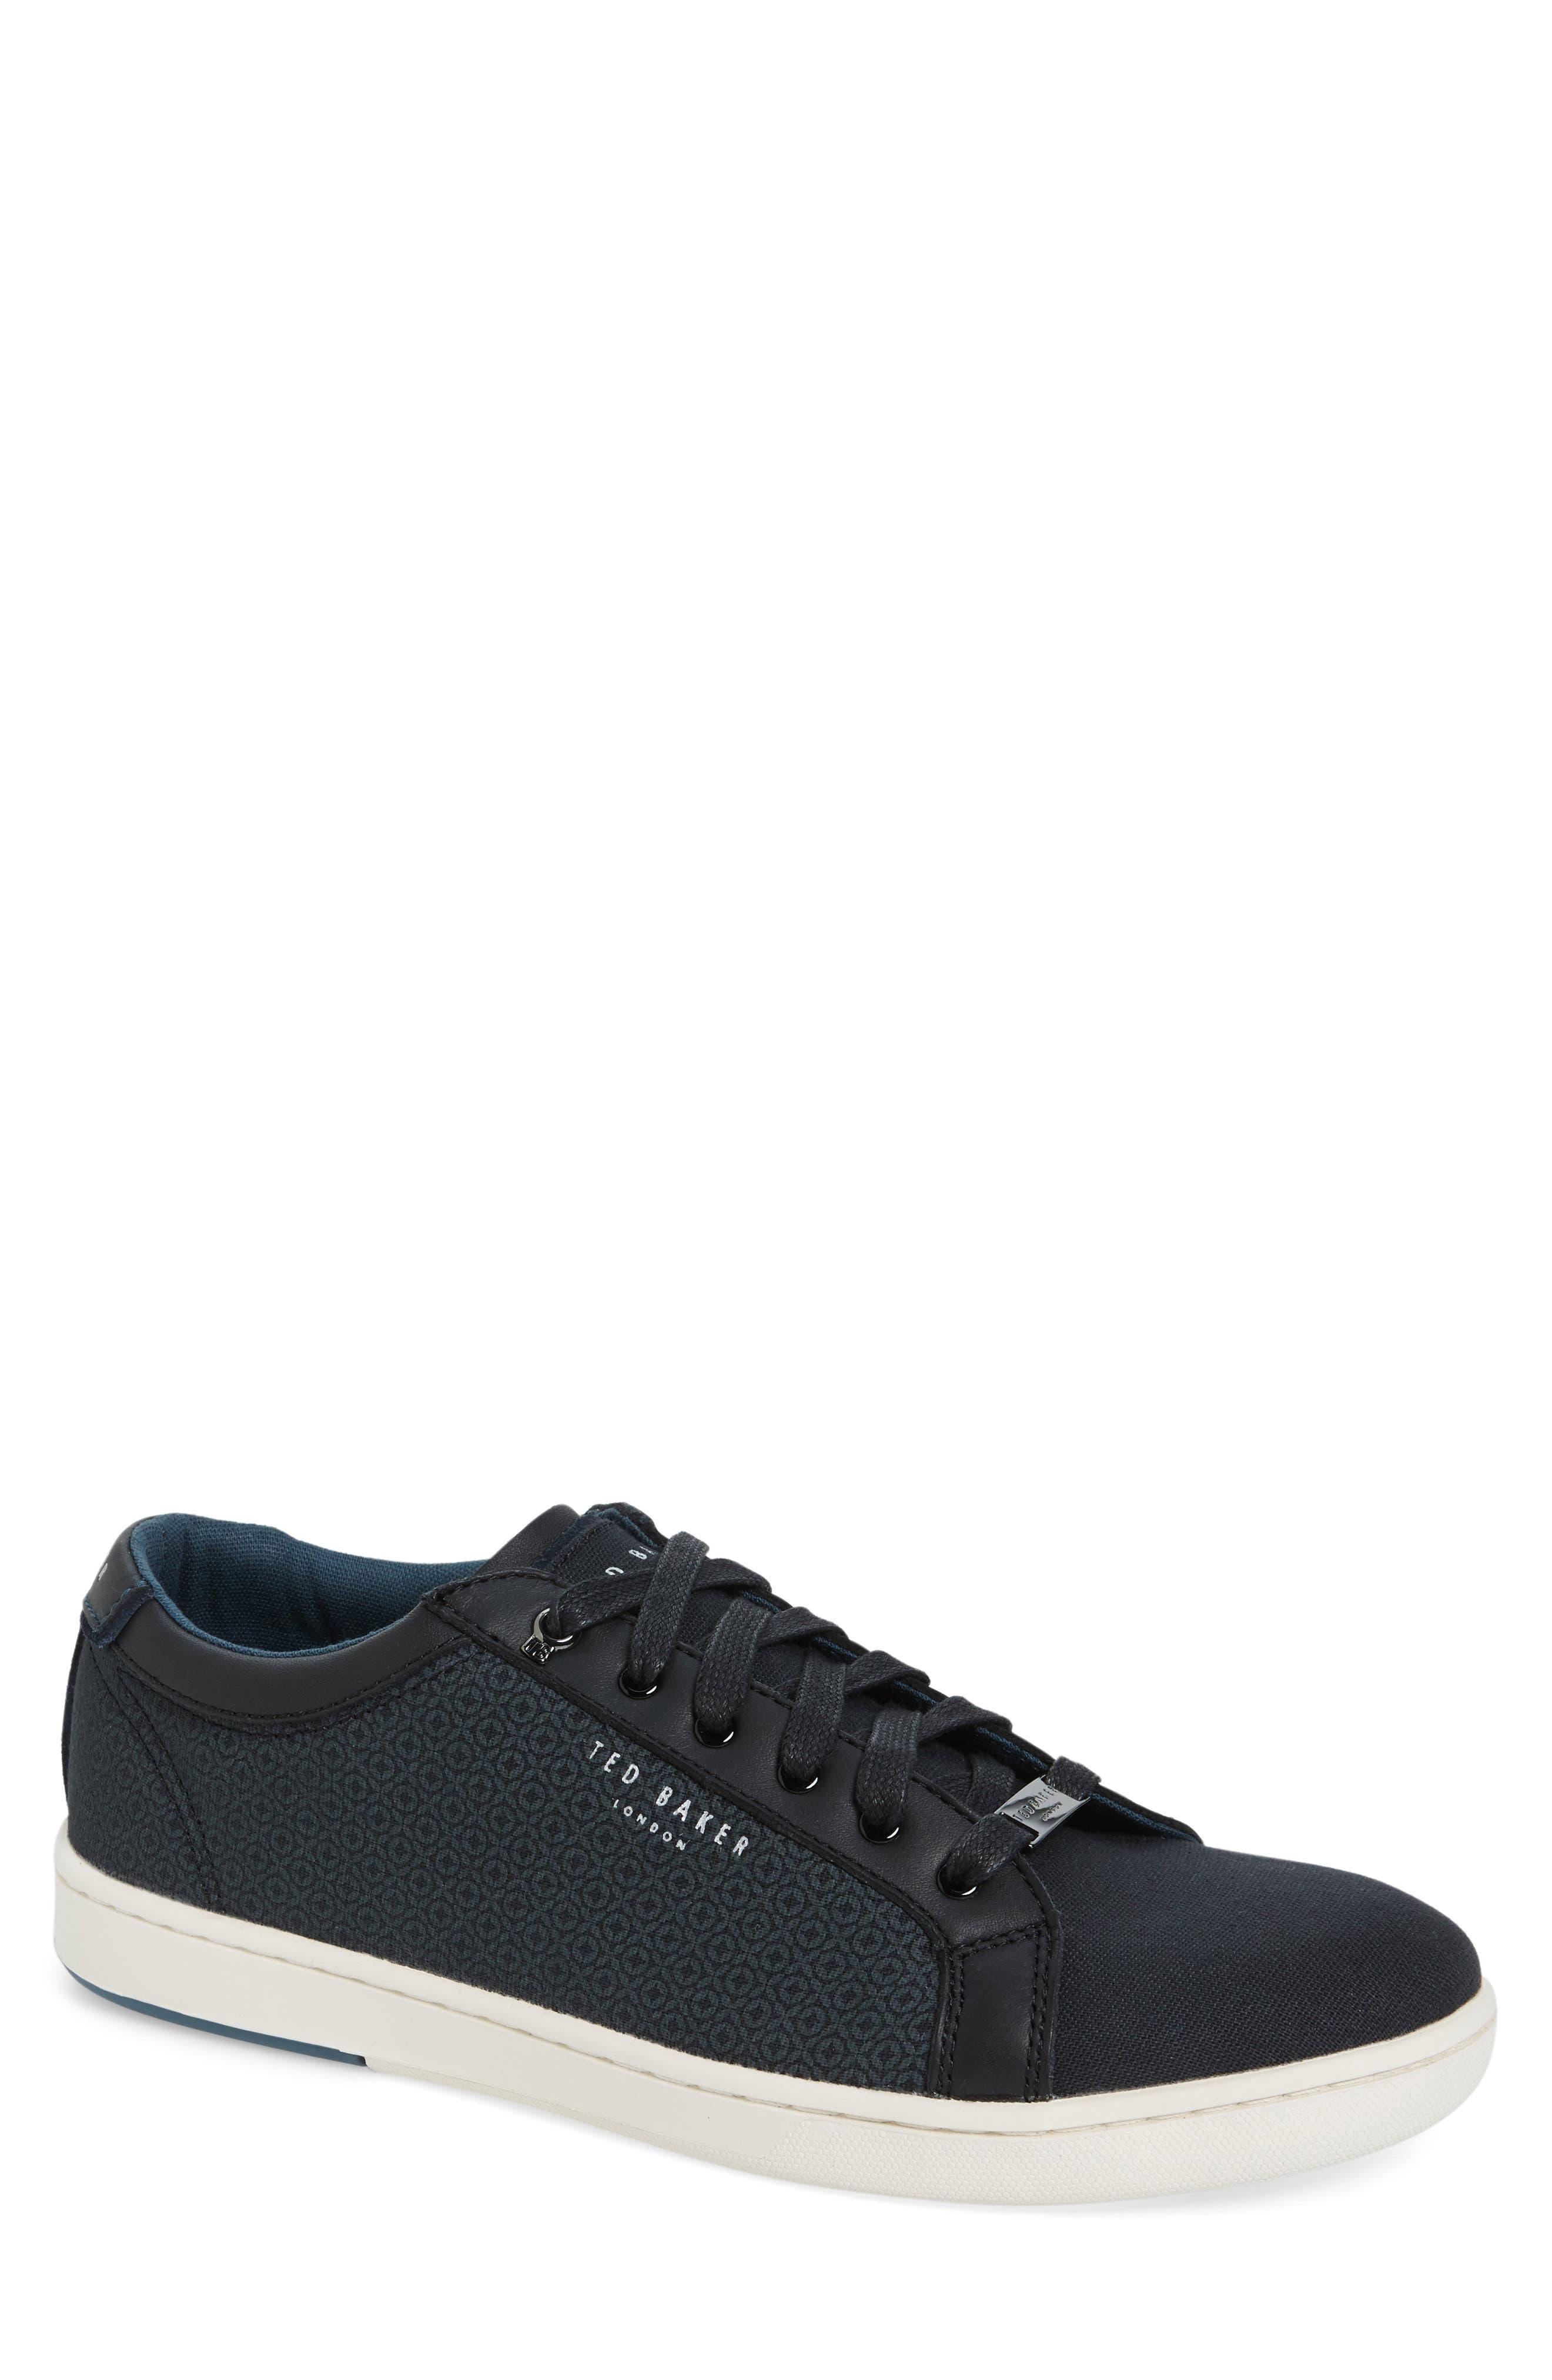 Ternur Geo Print Sneaker,                             Main thumbnail 1, color,                             011